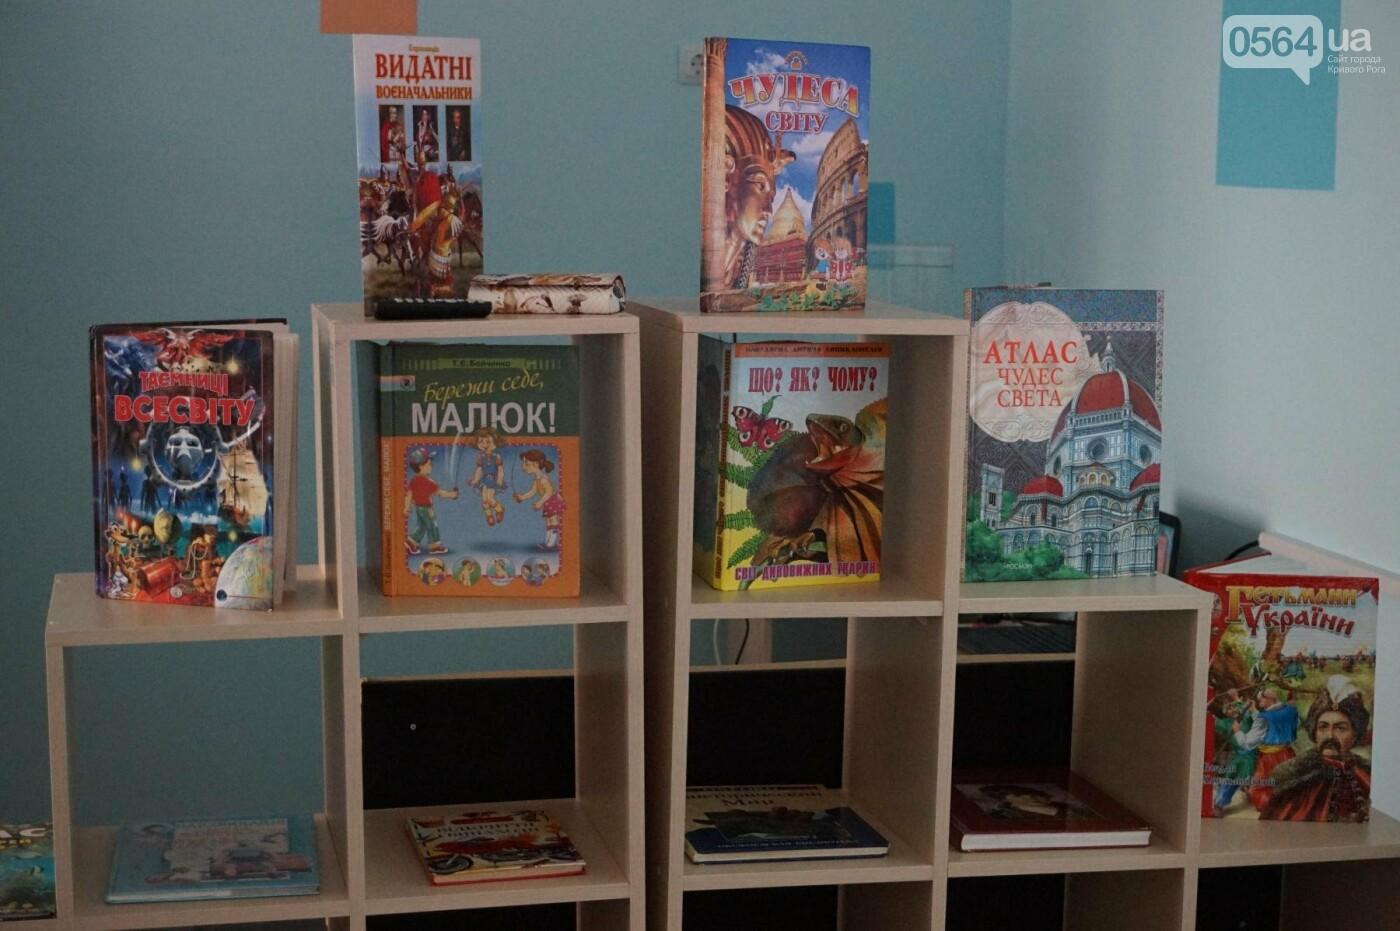 Приближаясь к Европе: Как в школах Кривого Рога внедряют инклюзию (ФОТО), фото-25